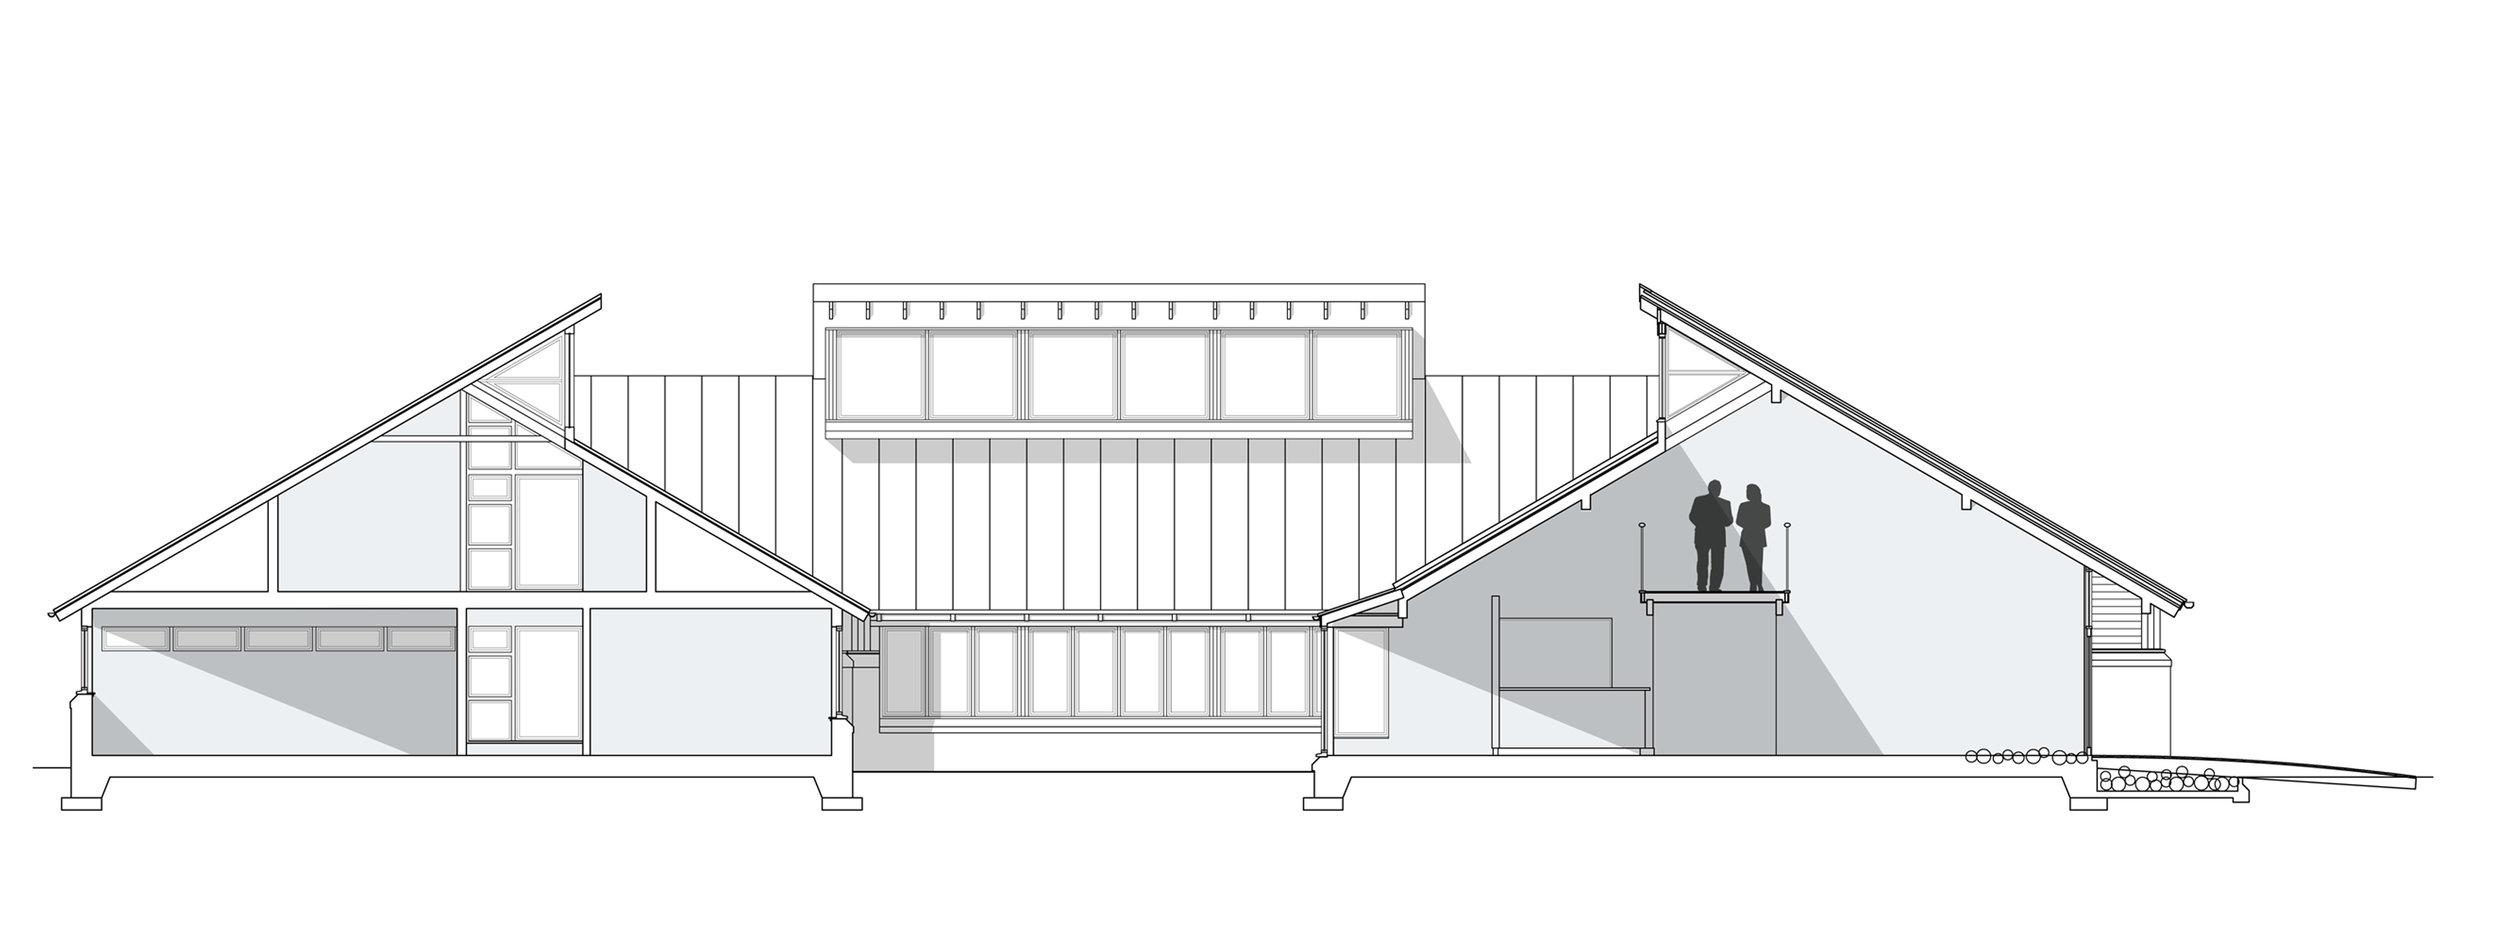 David Blaikie Architects_Dobbies Elevation